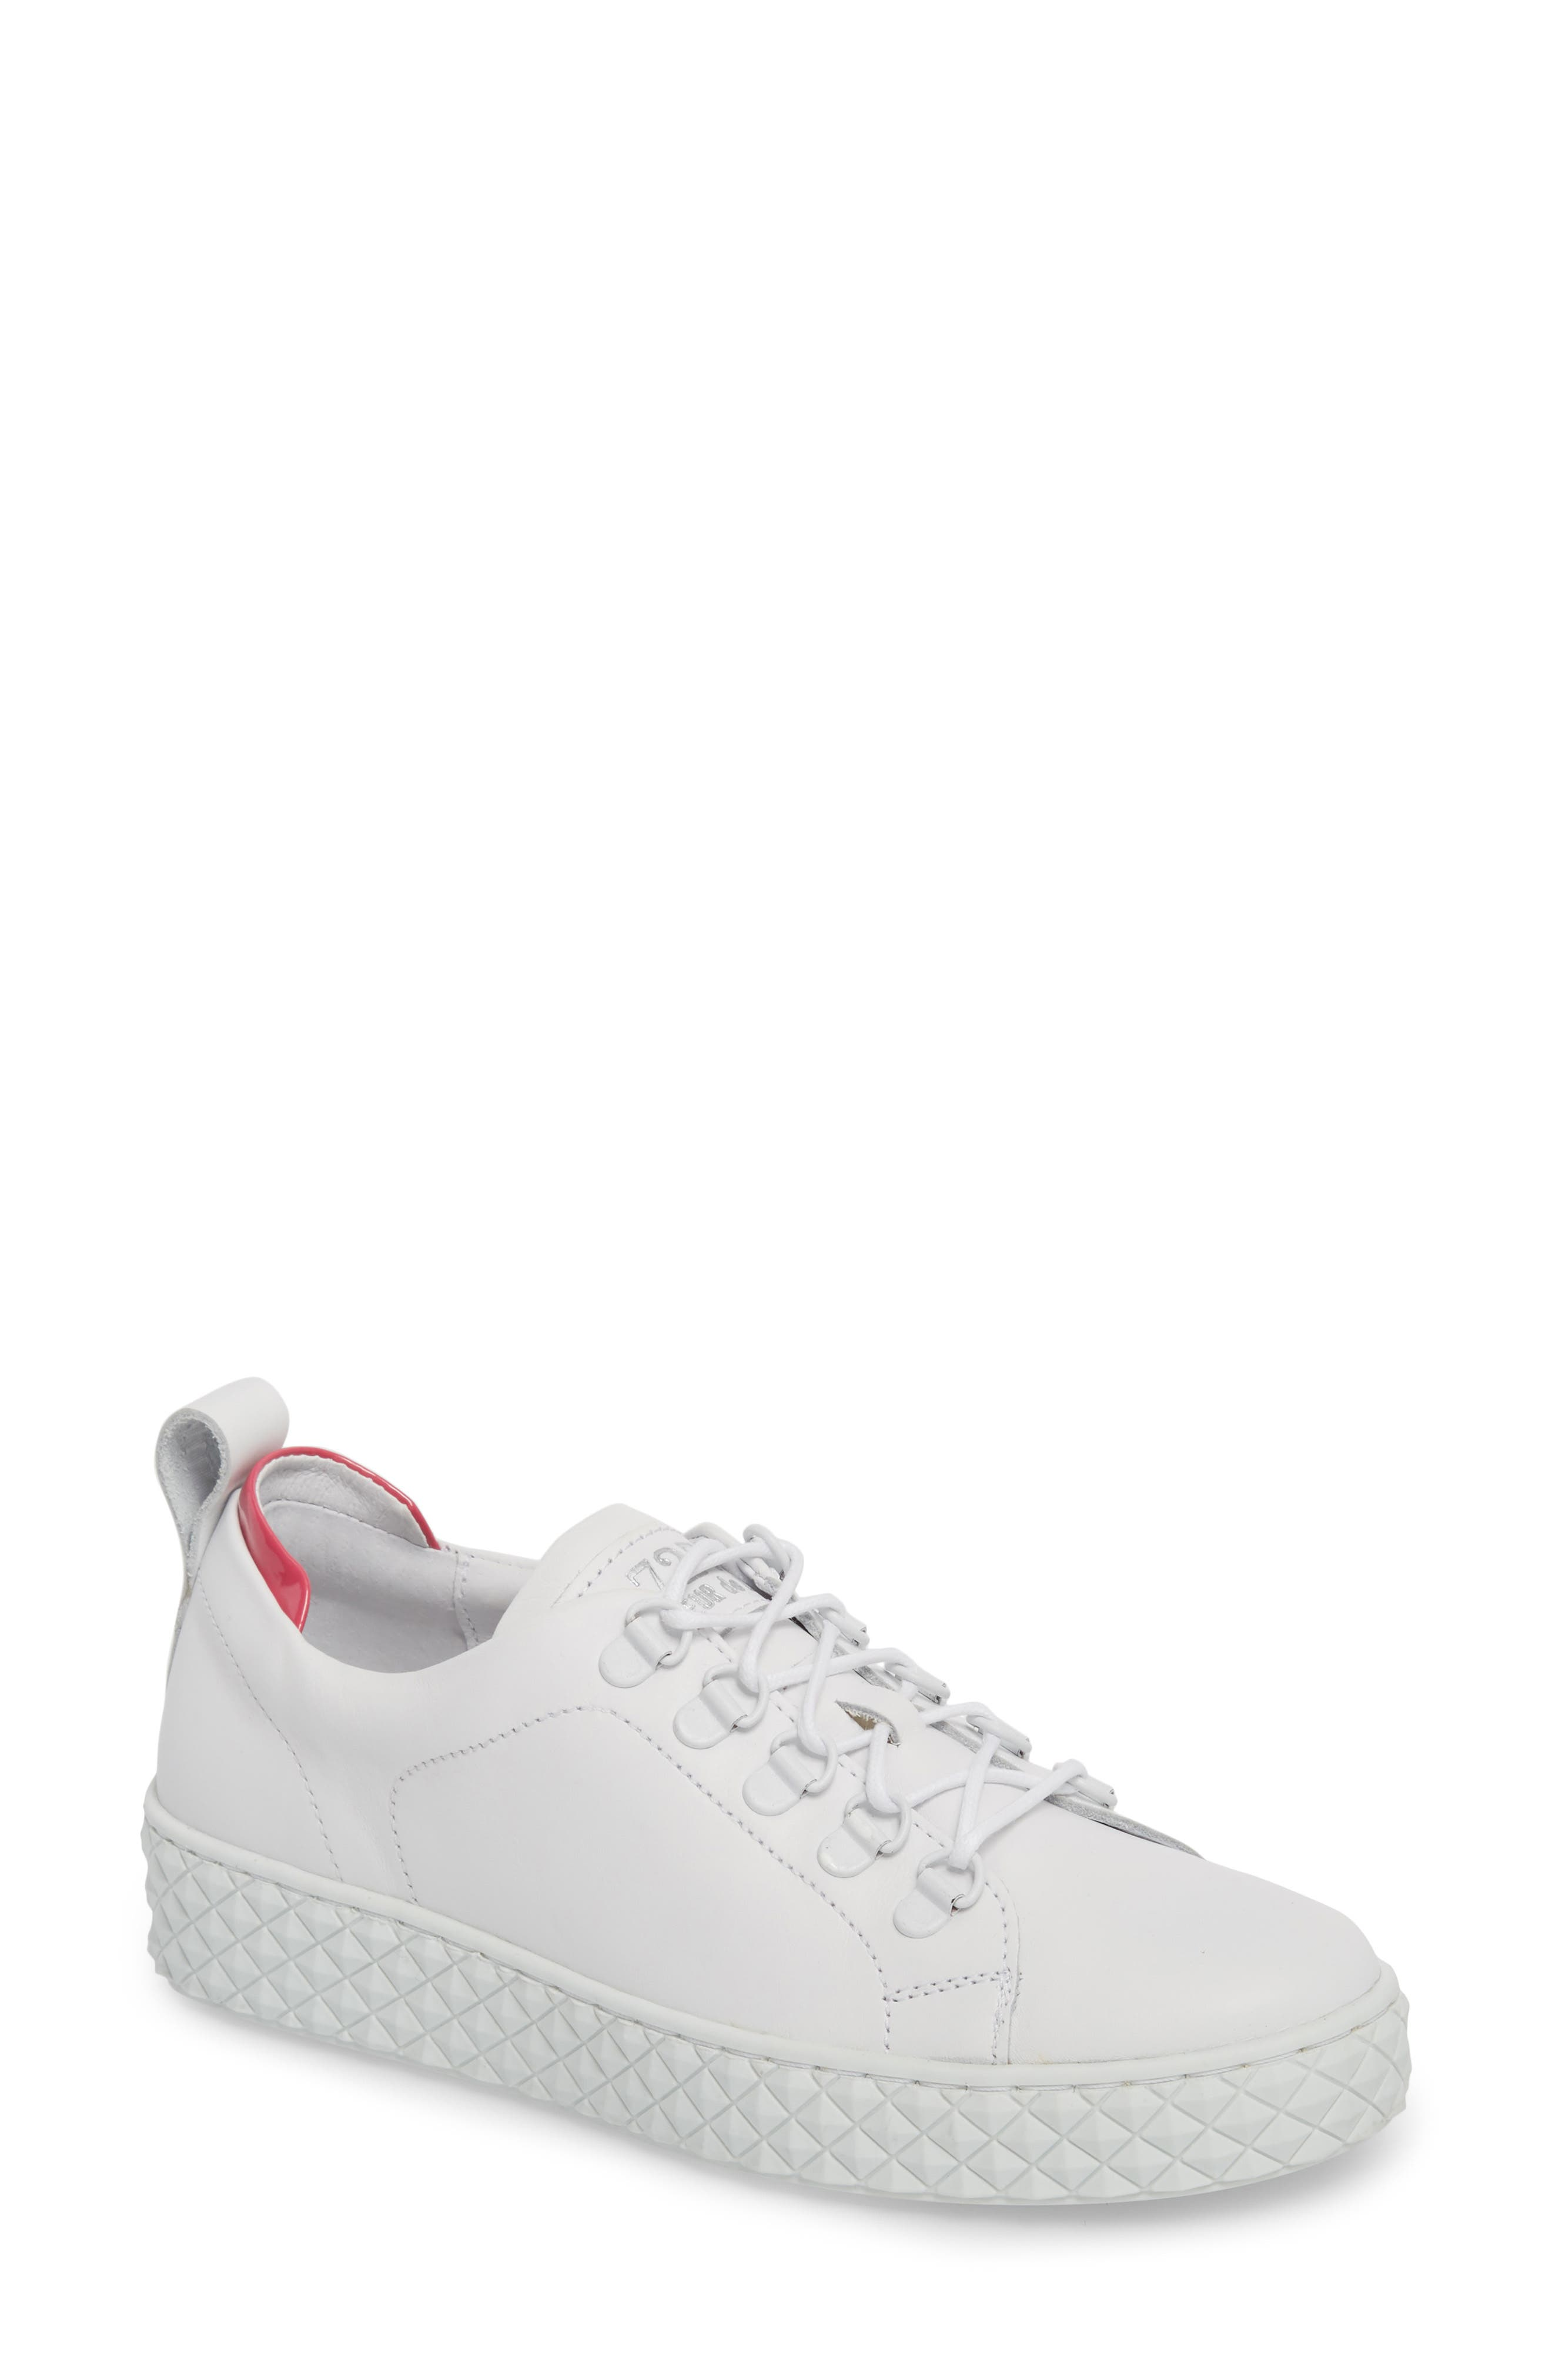 Sol Sneaker,                             Main thumbnail 1, color,